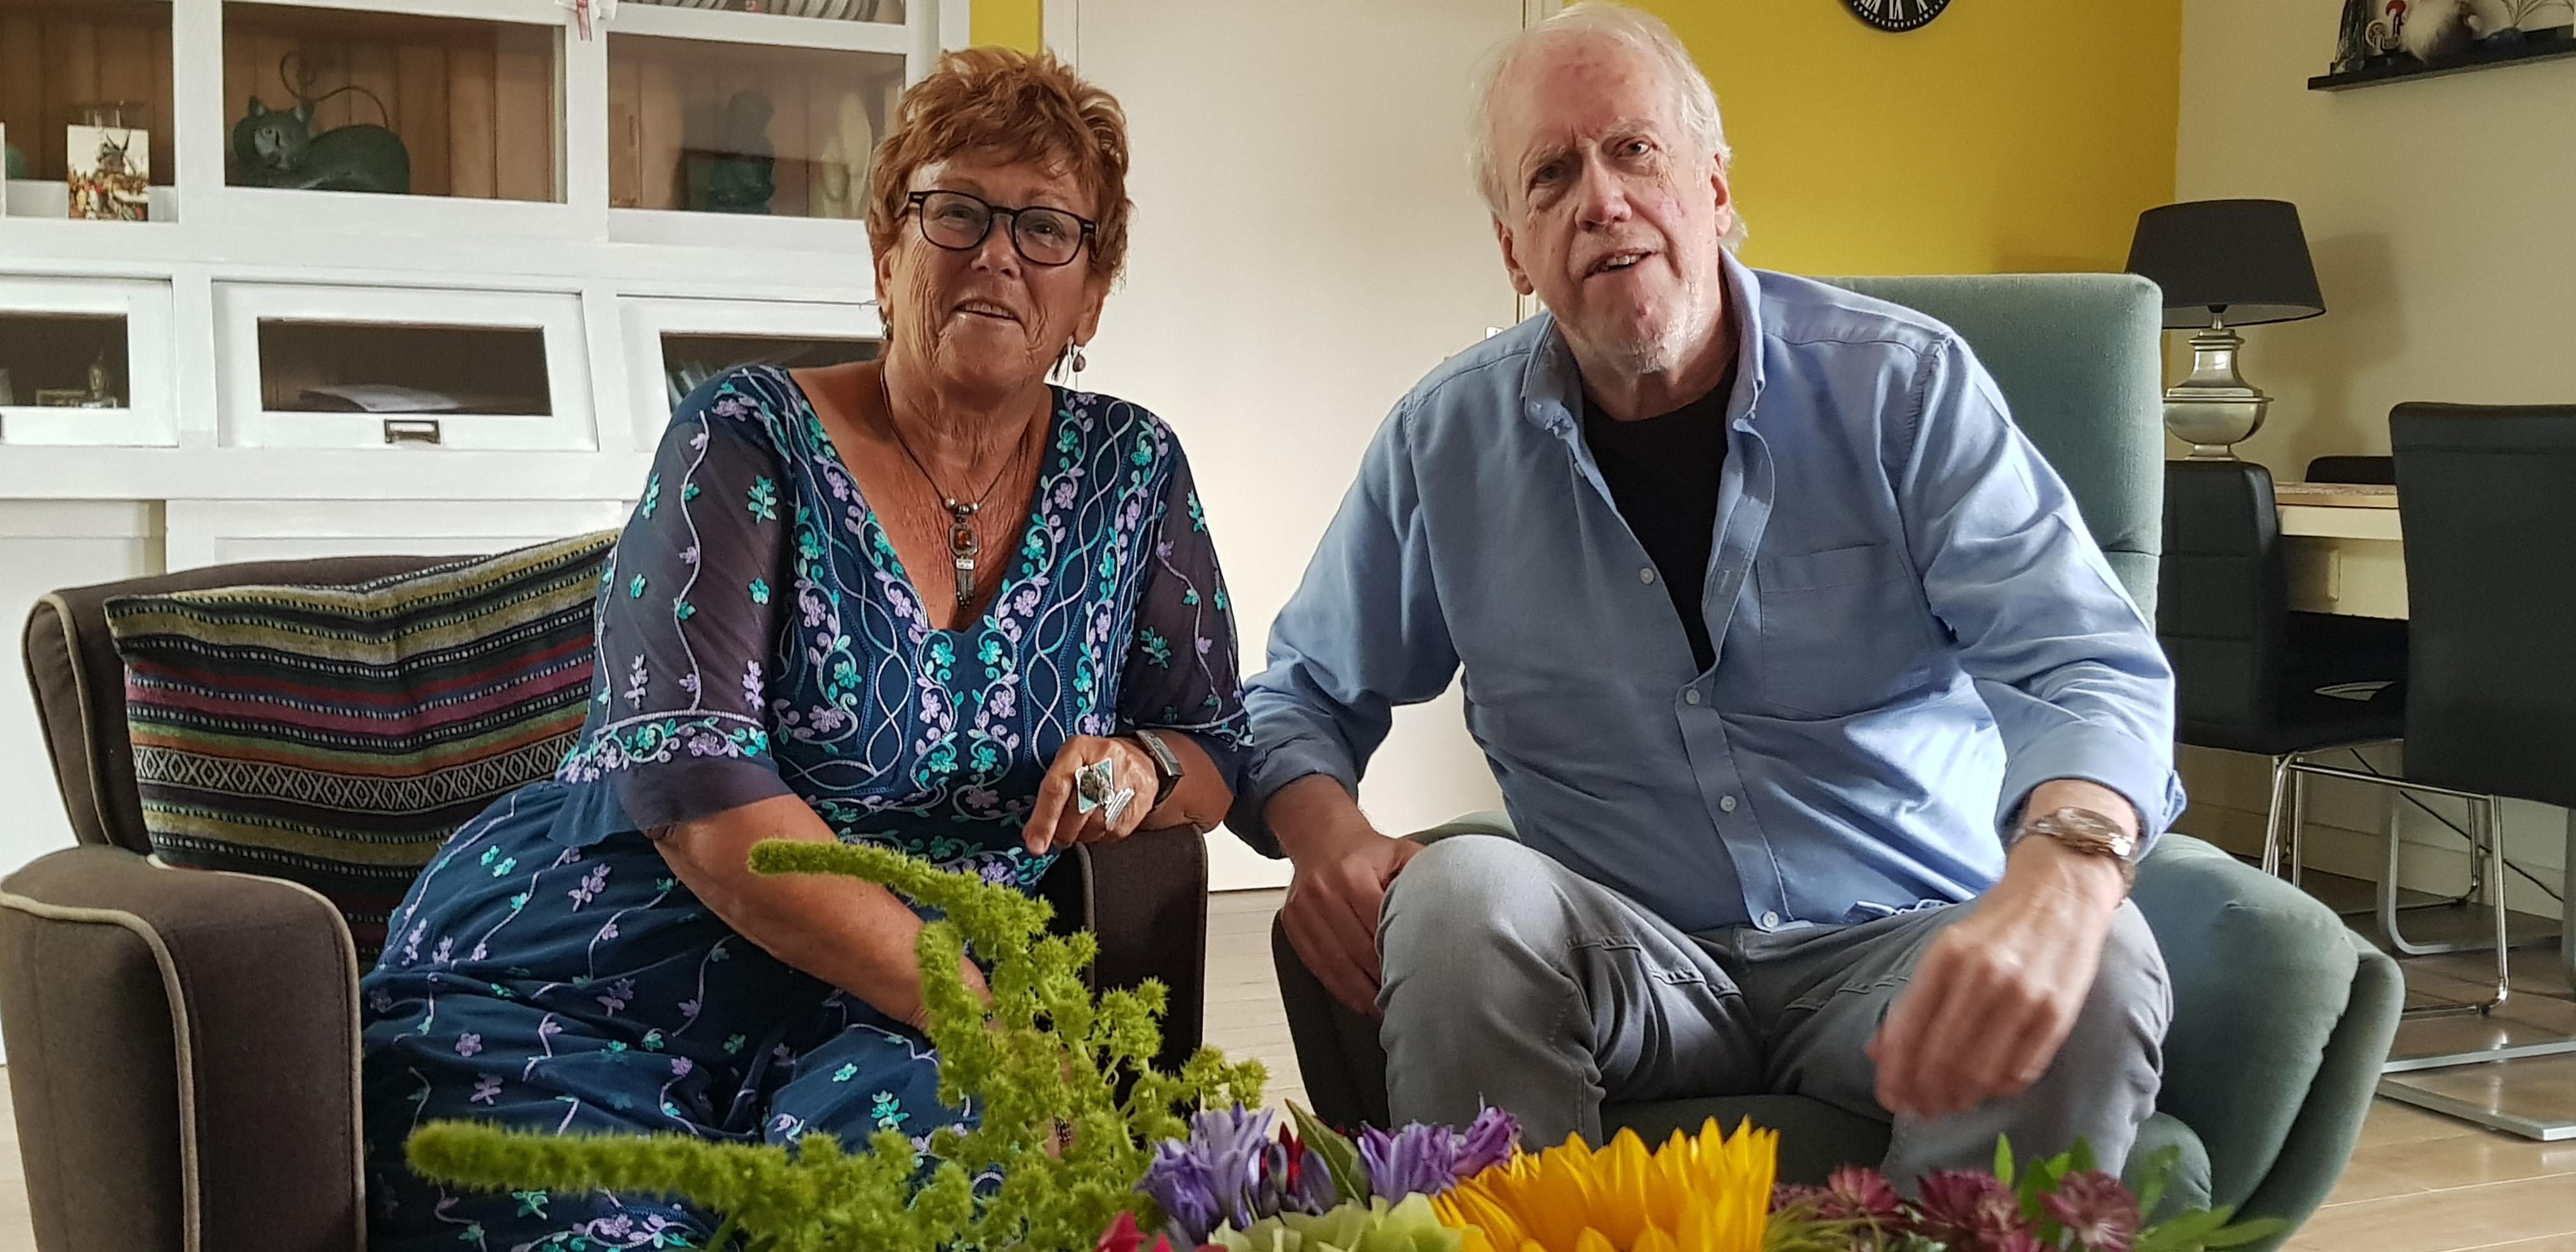 Senioren Actief is de nieuwe partij voor senioren in Den Helder. 'In onze partij bepalen de leden grotendeels de koers'